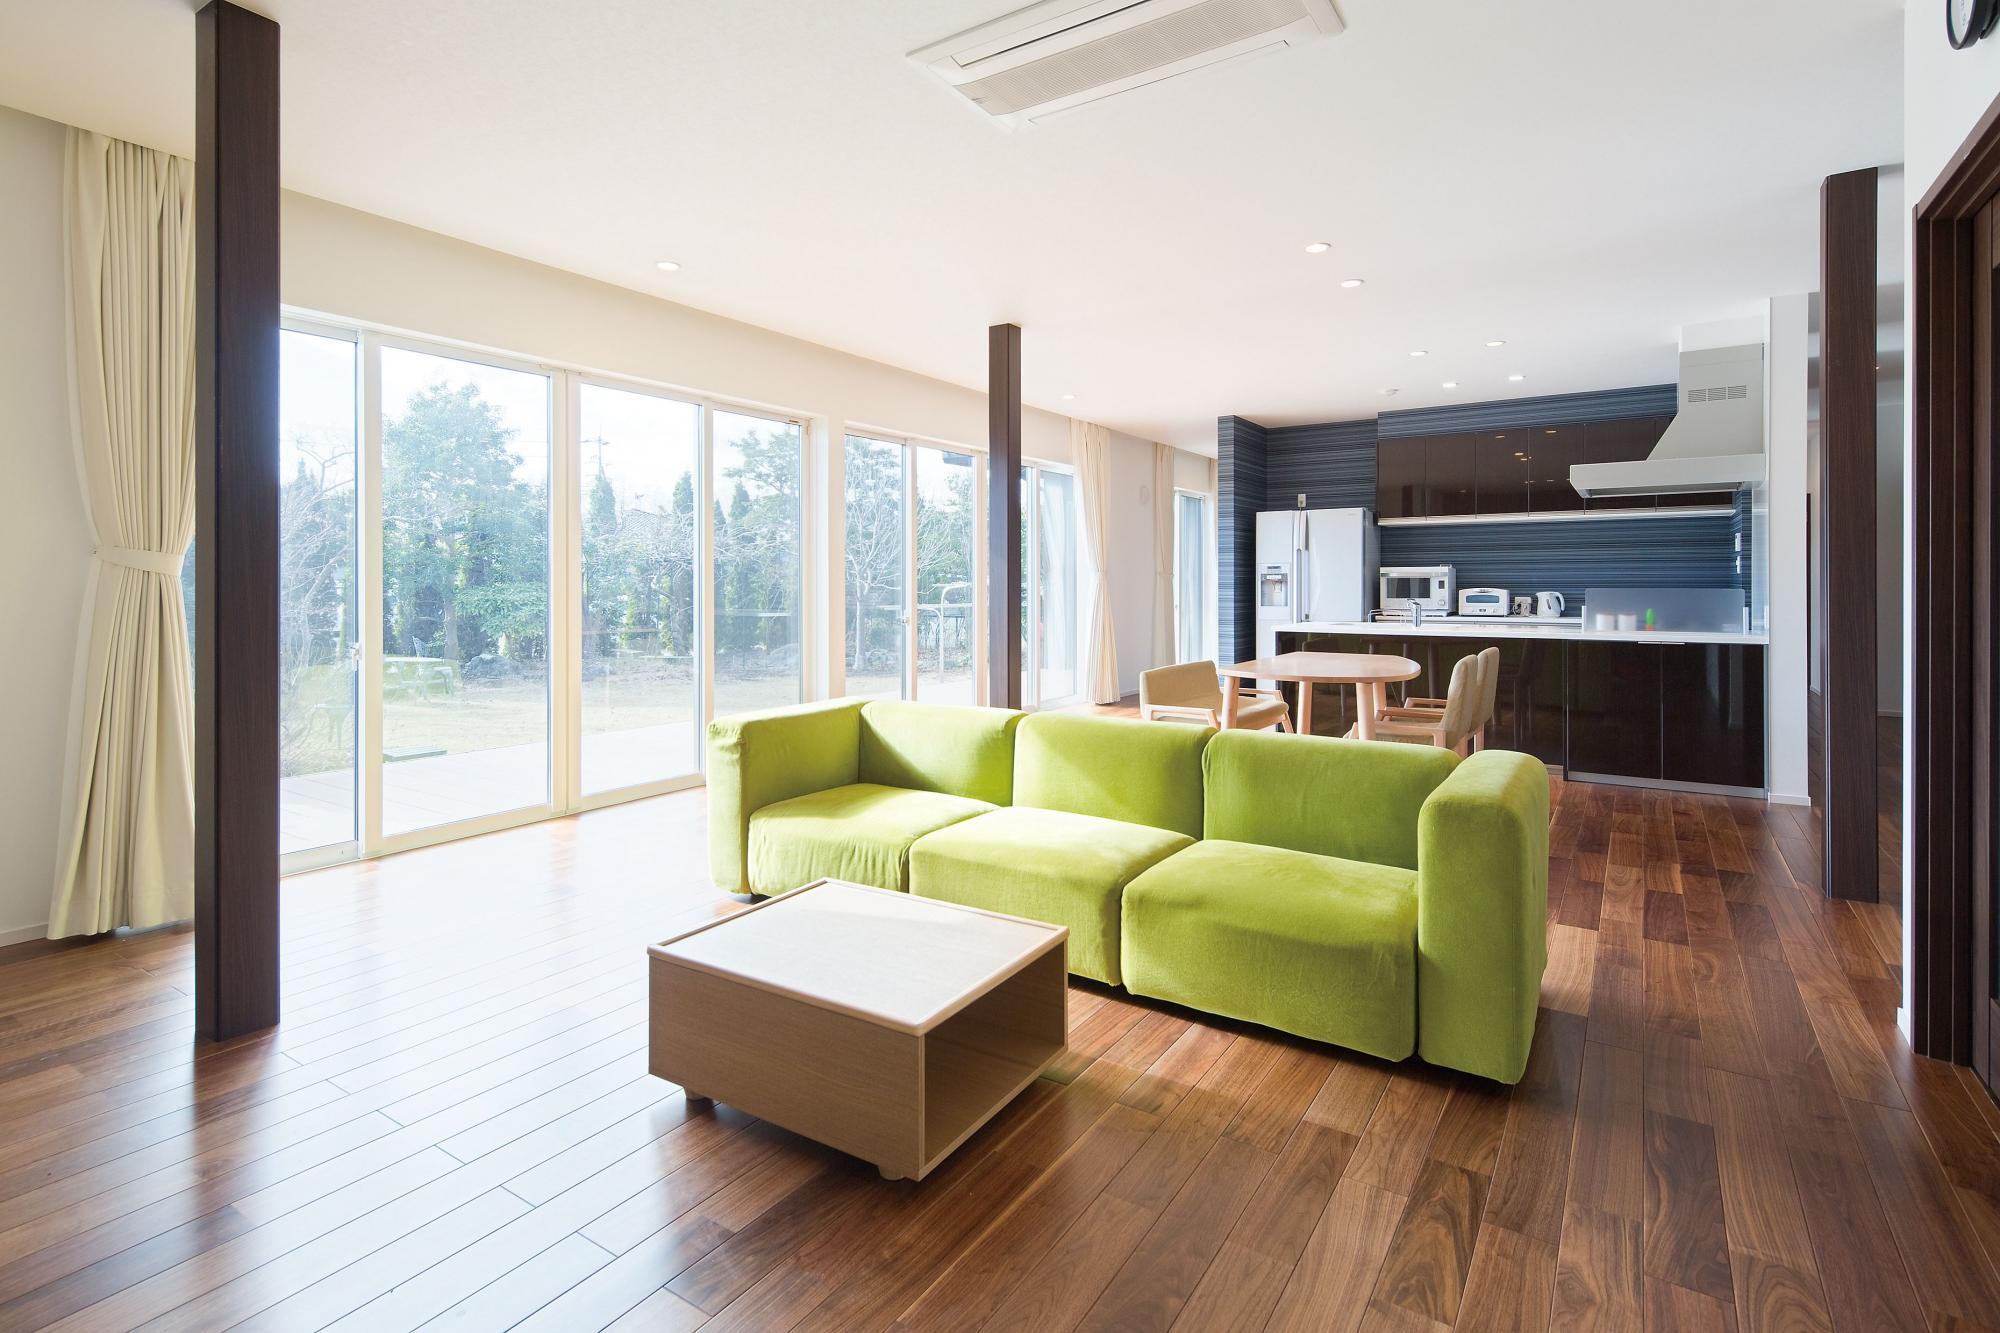 既存の居間と2つの和室、広縁などをひとつの空間にし、広々としたLDKを実現。大開口の窓を設けて明るさを確保。ウォルナットのフロアには床暖房を設置して寒い冬も暖かく過ごせるようになった。